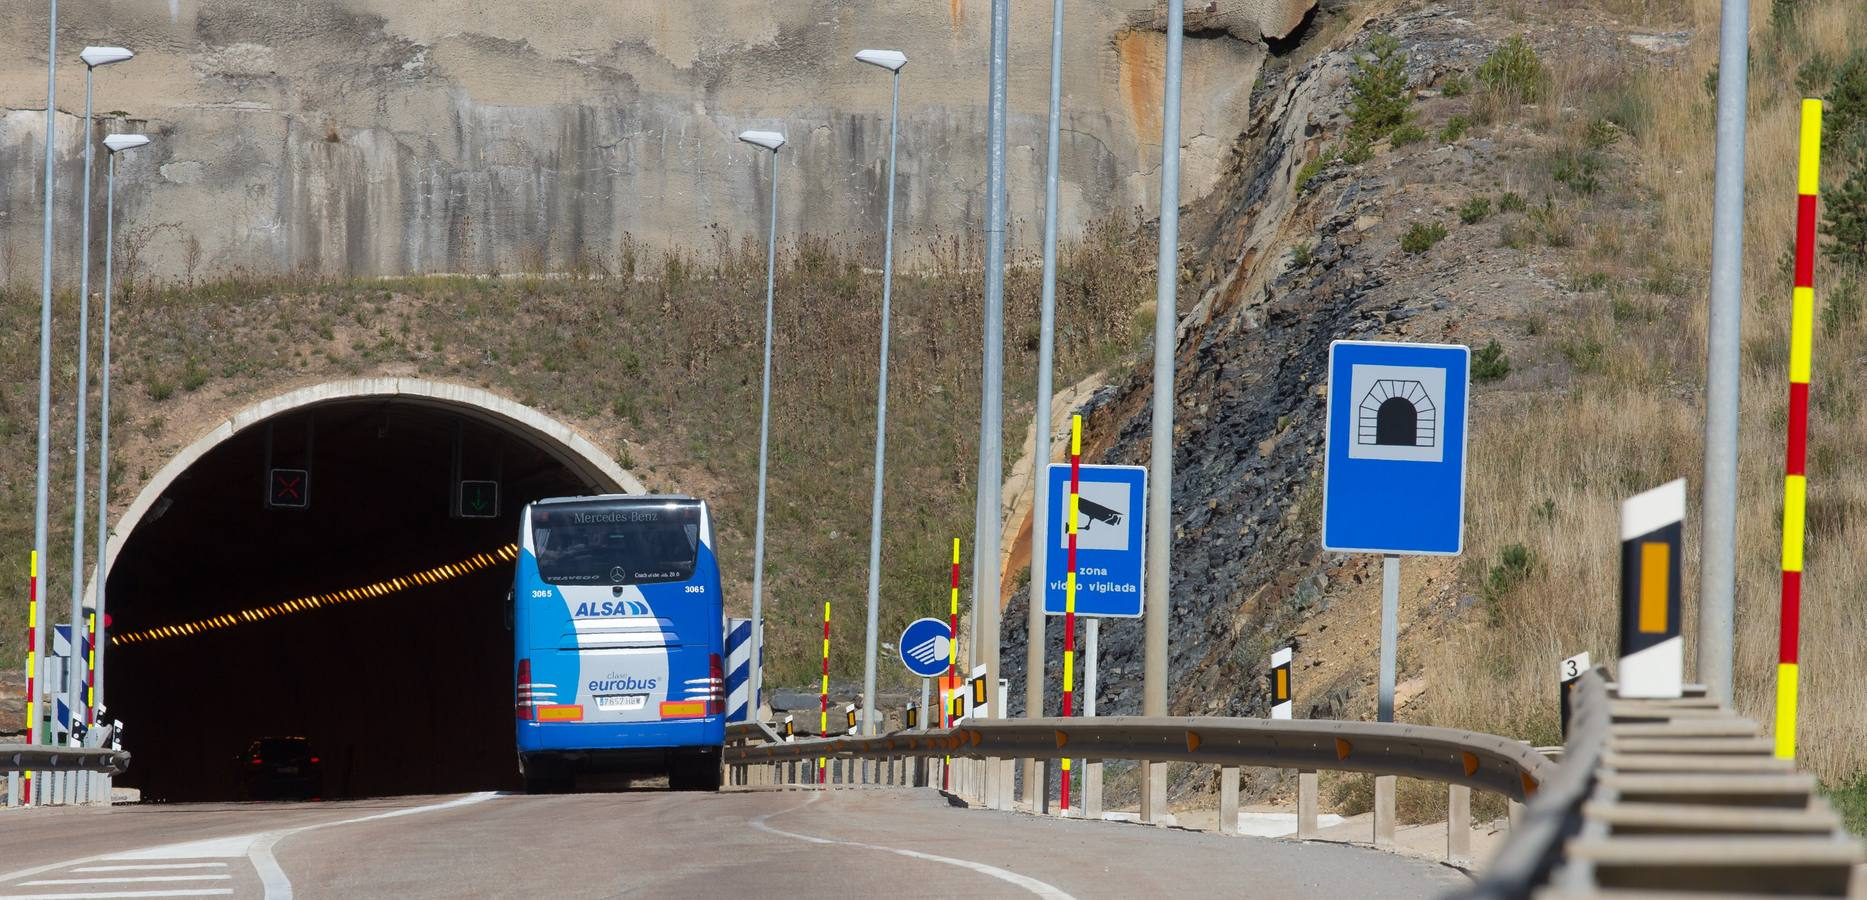 El túnel de Piqueras, cerrado al tráfico por obras del 17 al 20 de junio